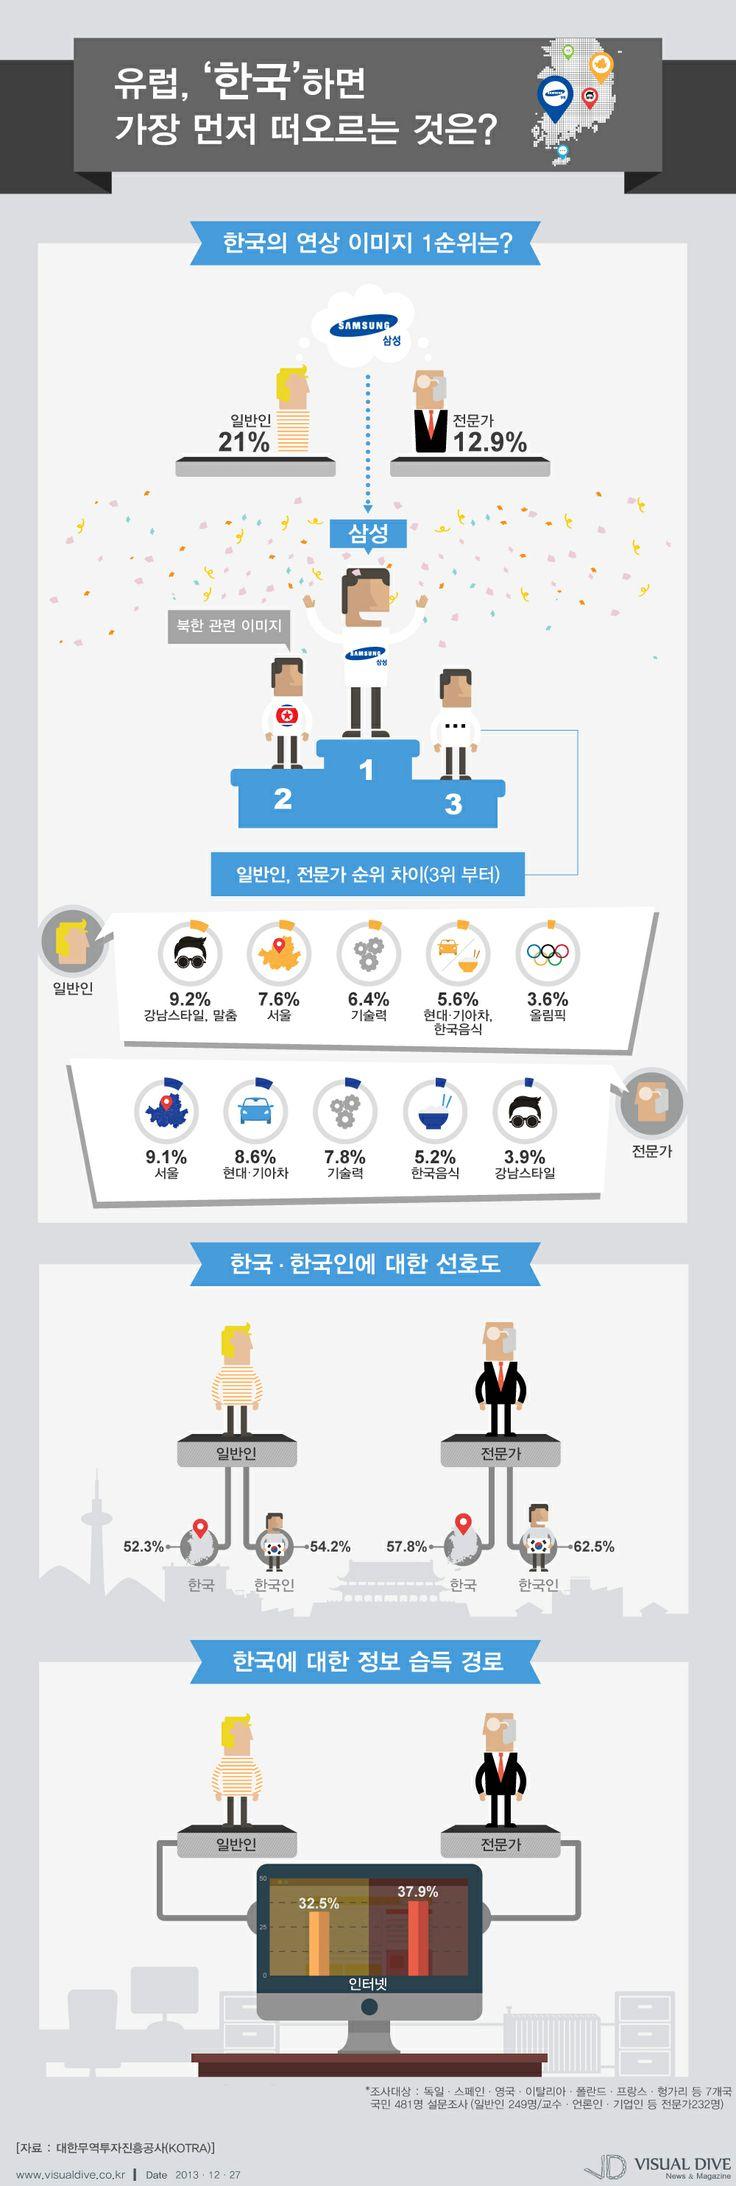 [인포그래픽] 유럽, '한국'하면 가장 먼저 떠오르는 것은? #europe / #Infographic ⓒ 비주얼다이브 무단 복사·전재·재배포 금지